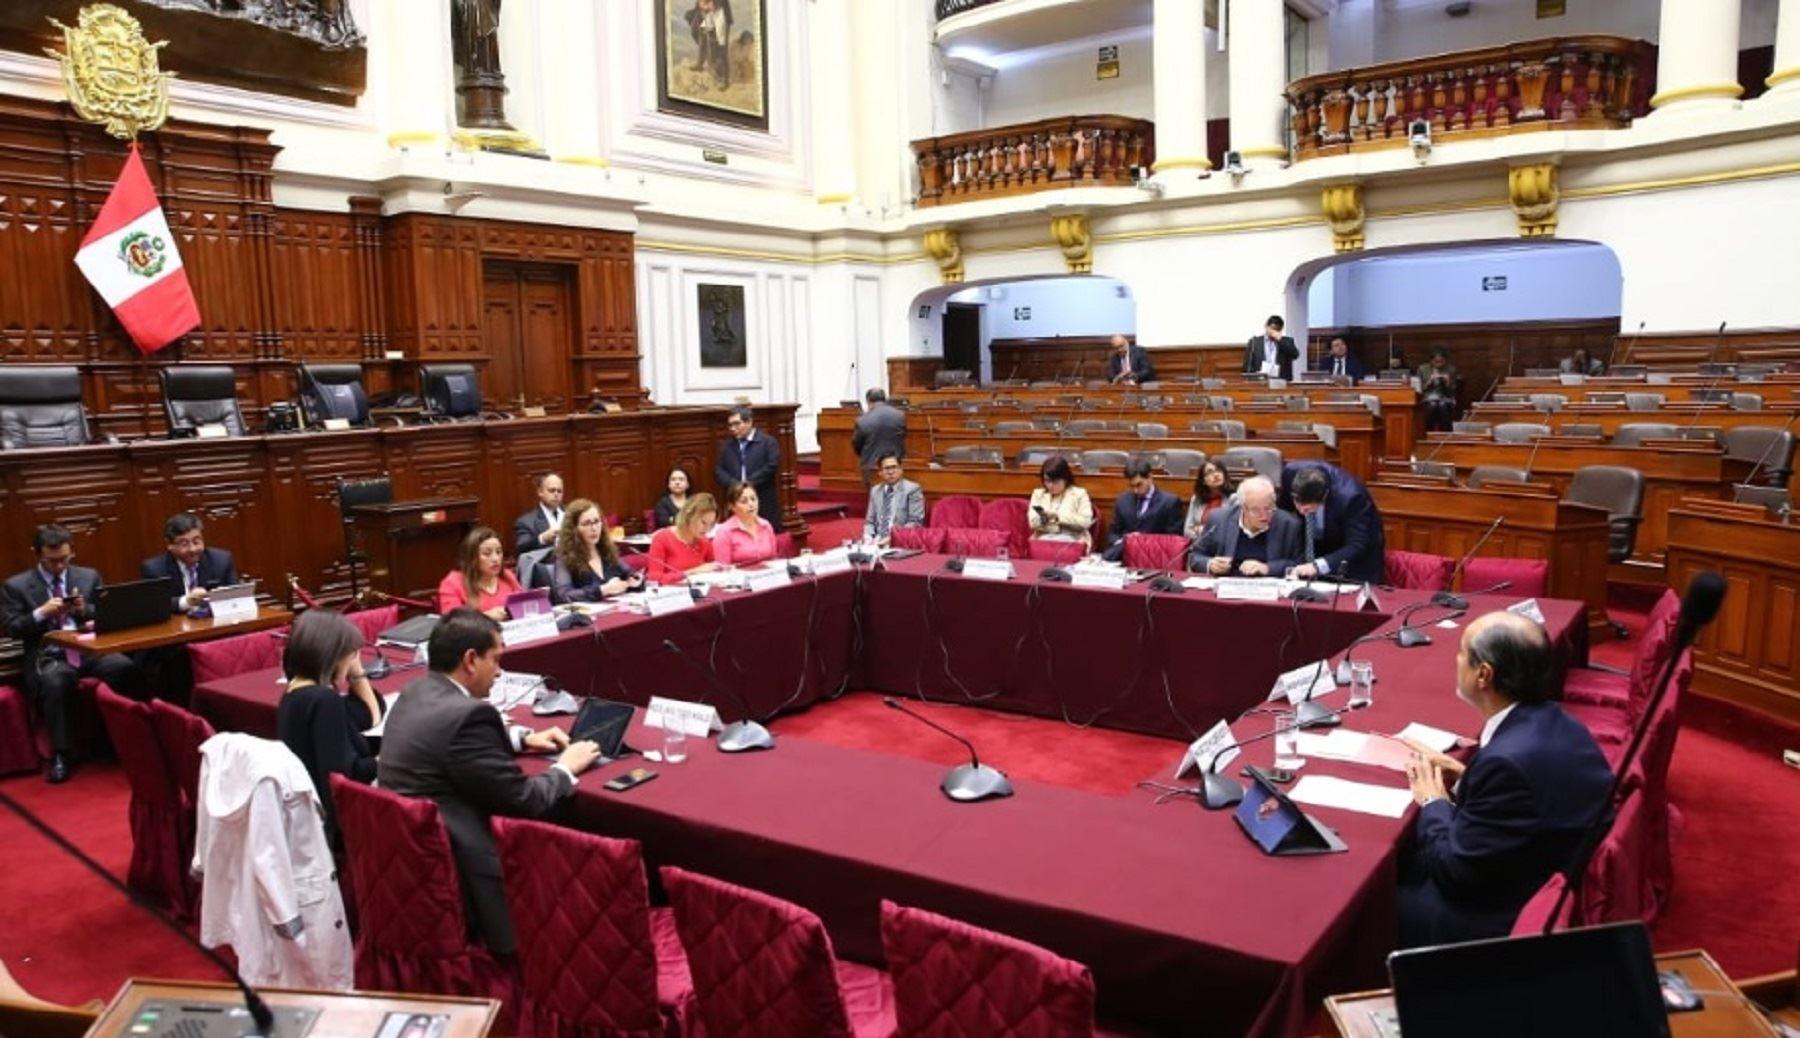 Comisión de Constitución artículo 112. Reforma política